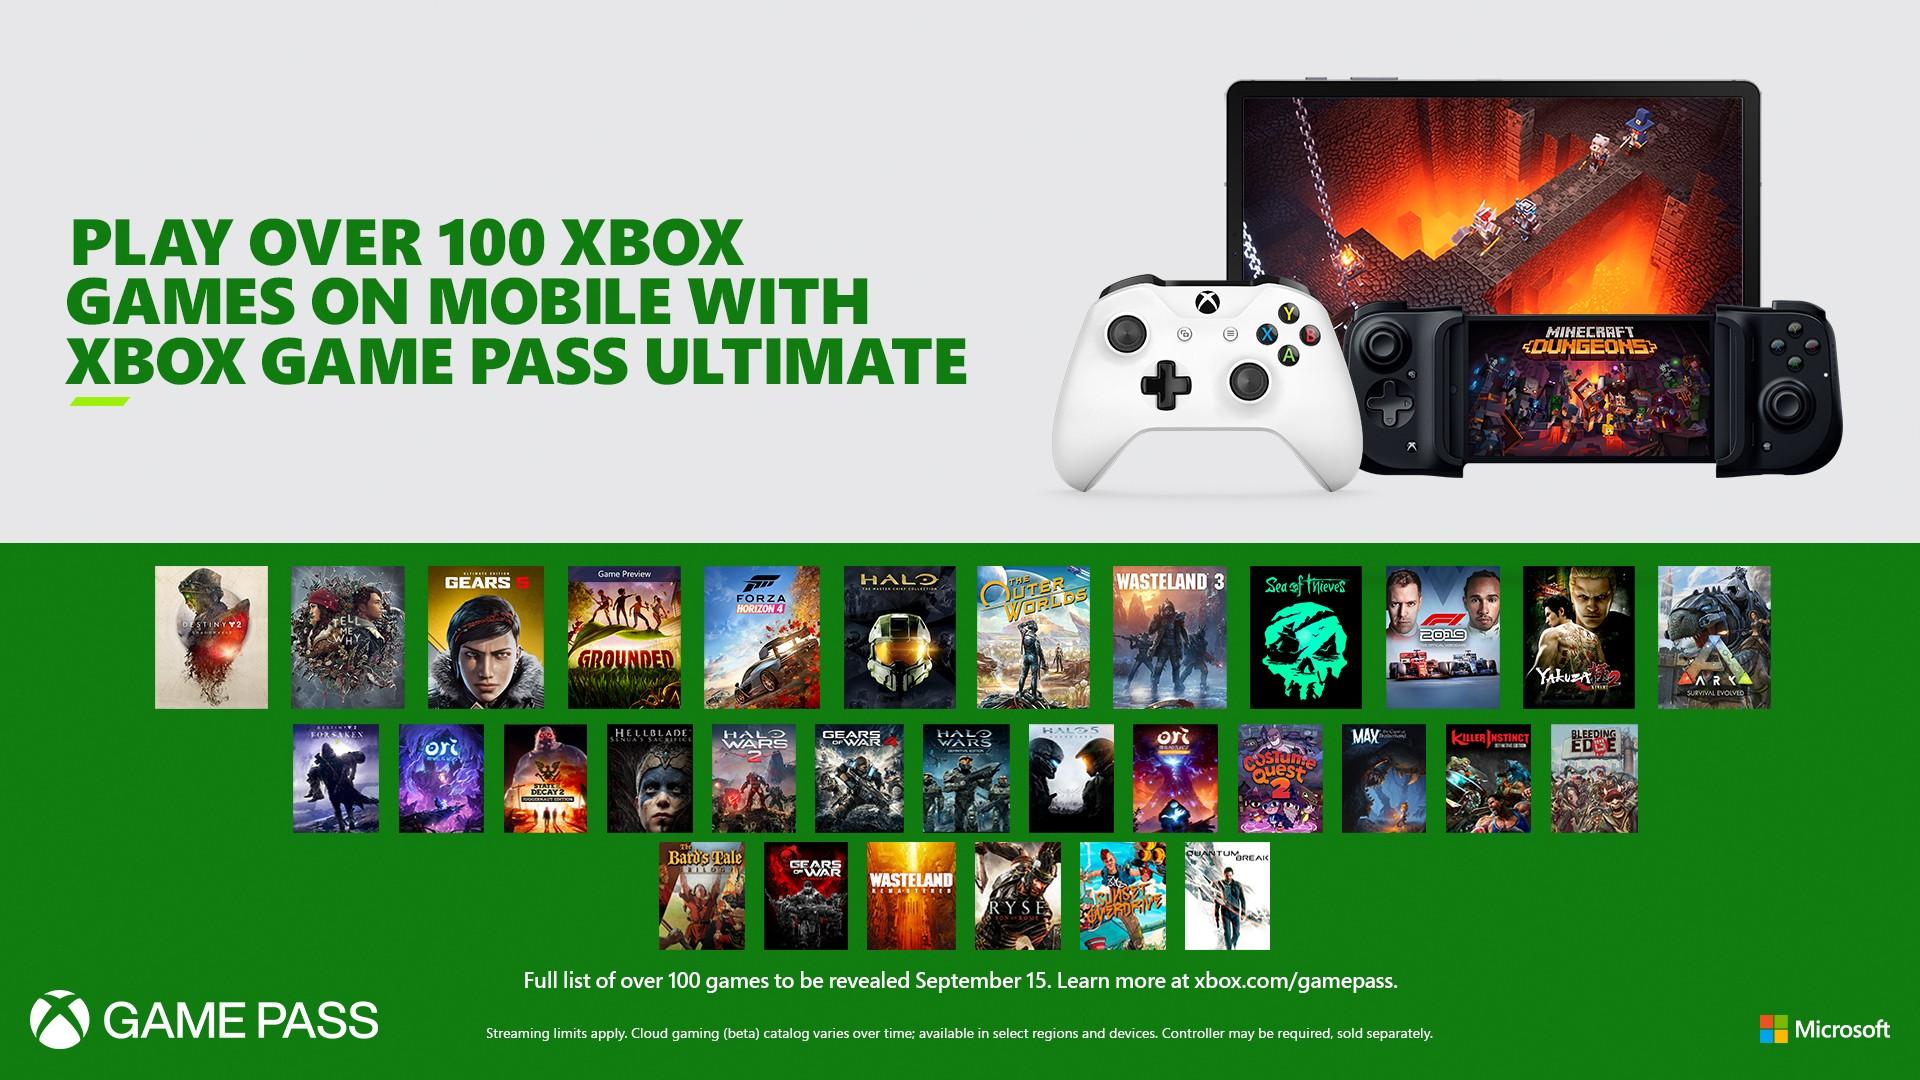 微软:未来玩家不用下载游戏就能通过xCloud先行体验